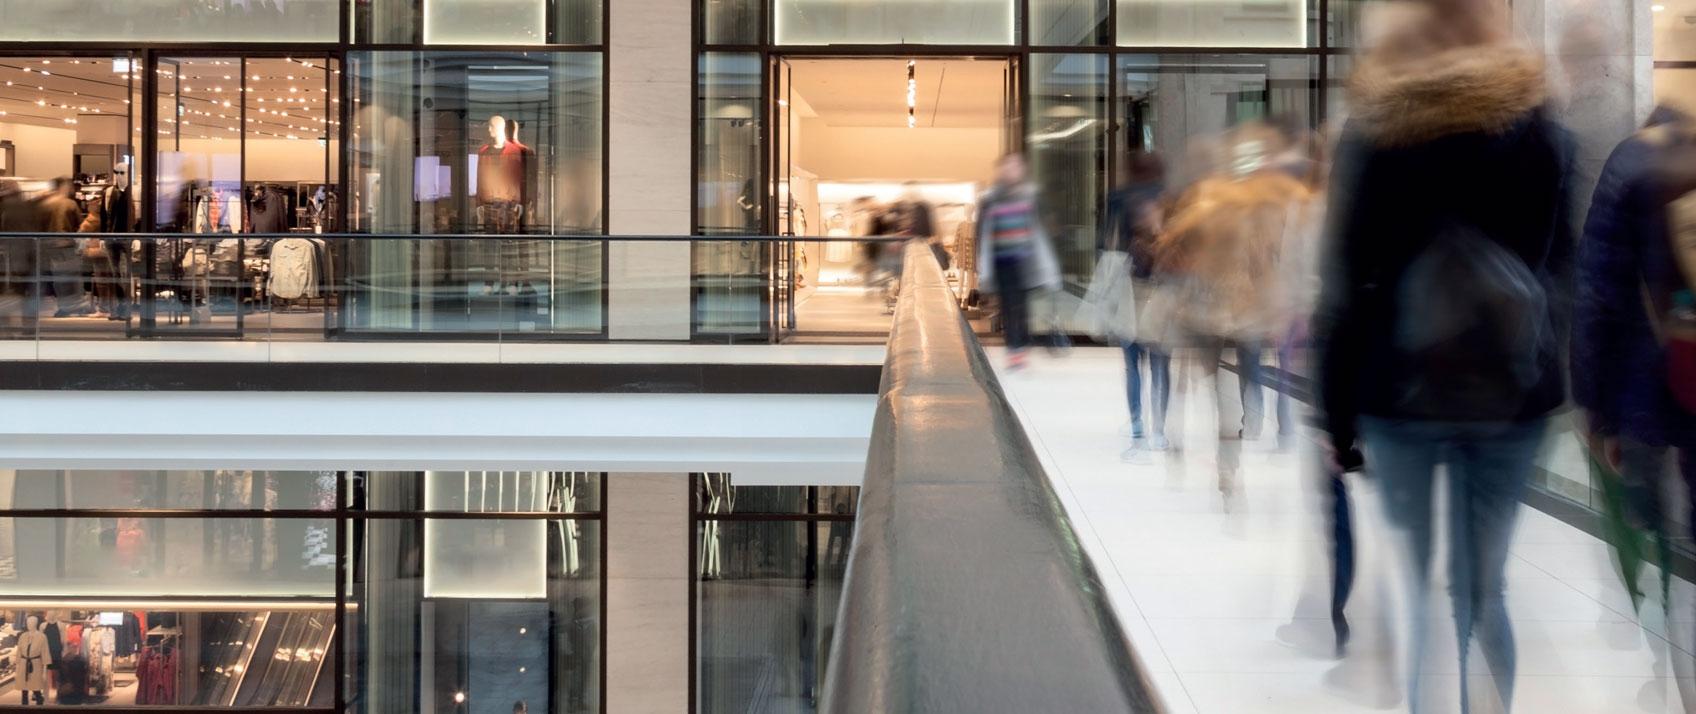 Baisse de fréquentation des espaces commerciaux : e-commerce, seul responsable ?